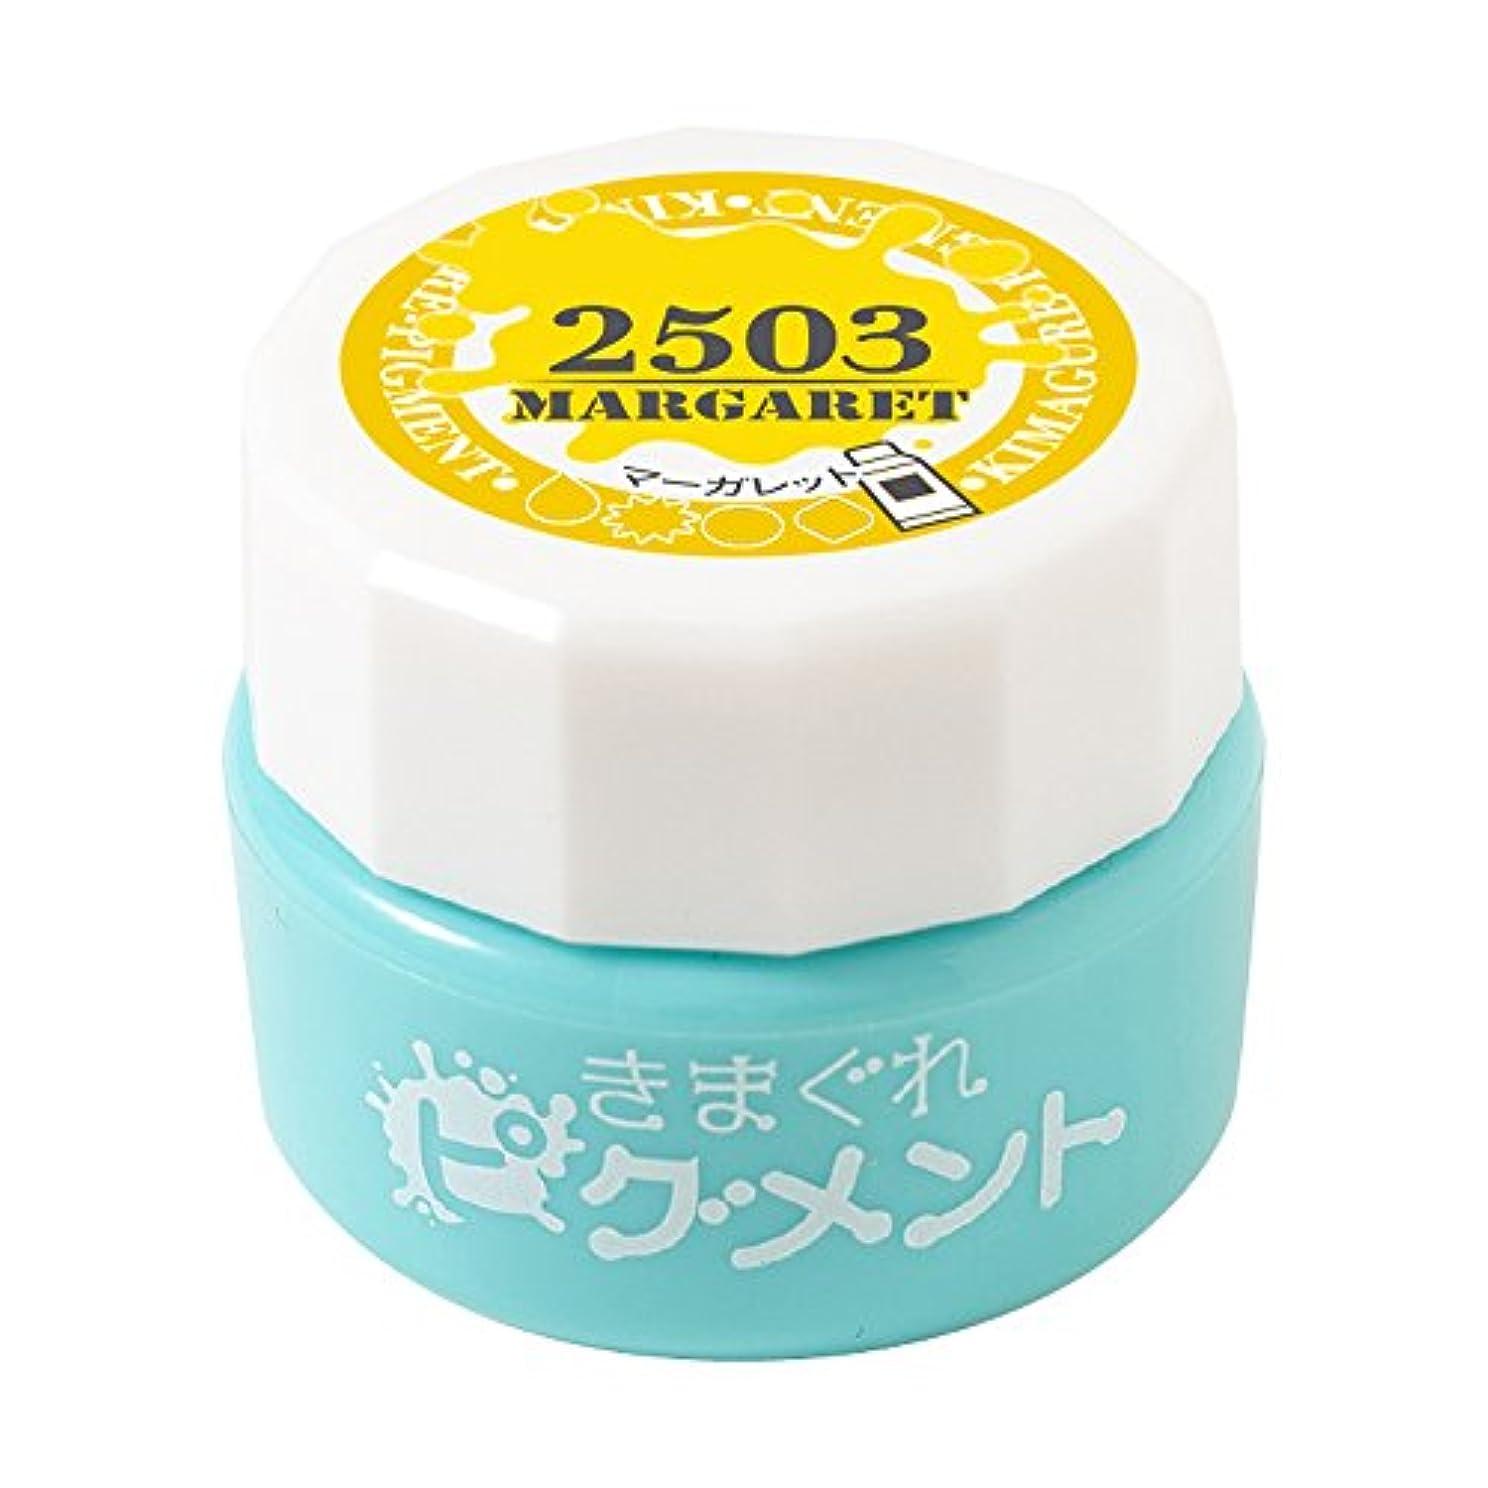 Bettygel きまぐれピグメント マーガレット QYJ-2503 4g UV/LED対応